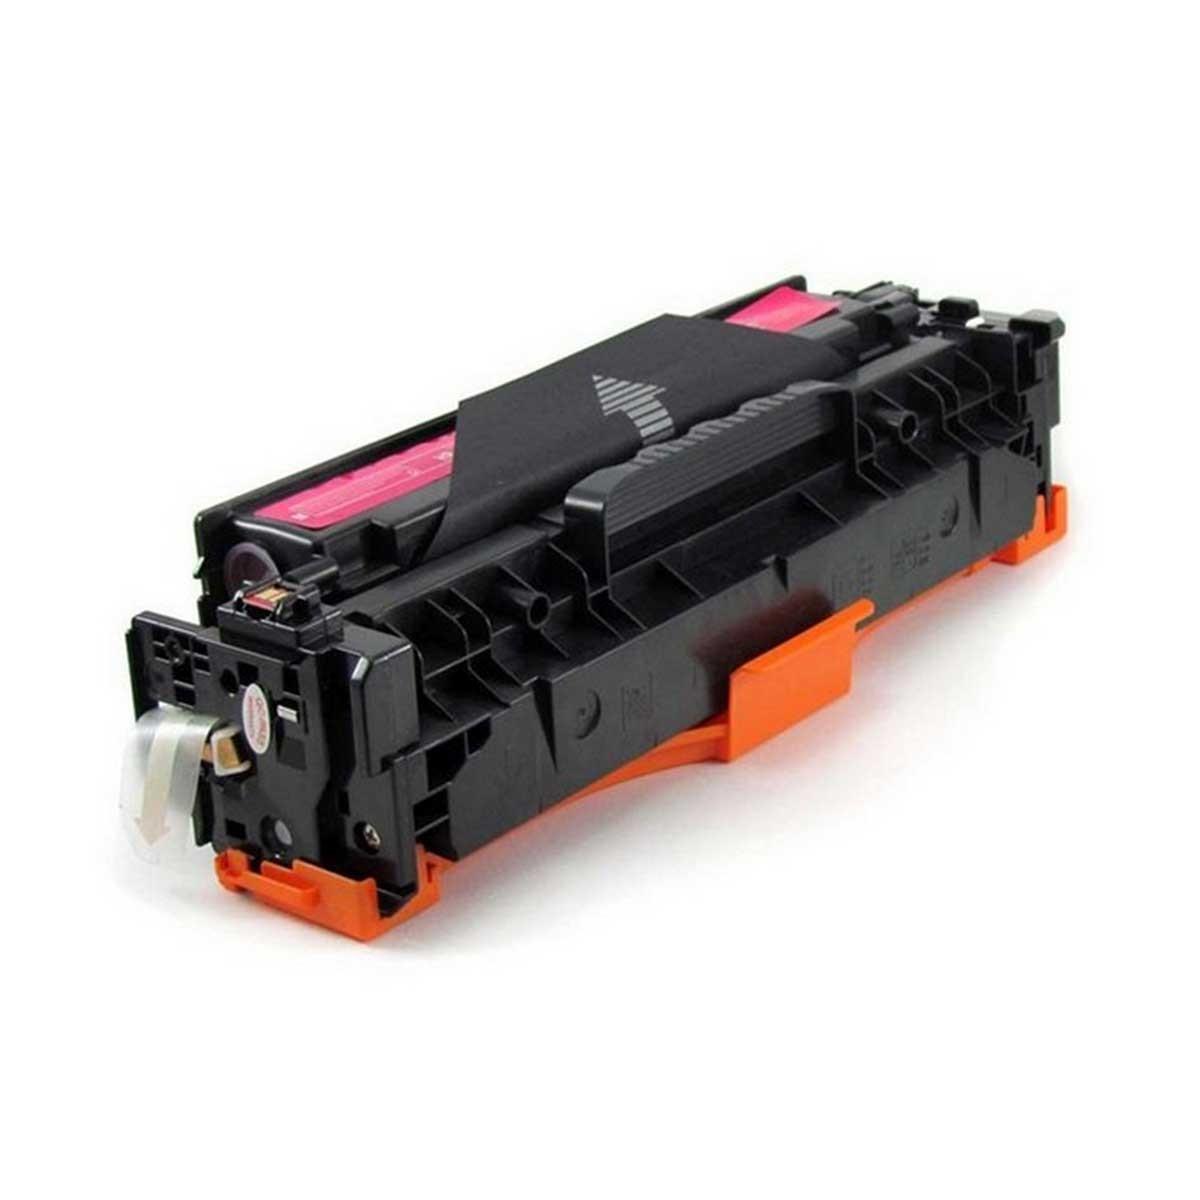 Foto 1 - TONER HP CF383A | CE413A | CB533A | 83A | 312A |Cartucho Compatível| 2,8K |Cor: Magenta